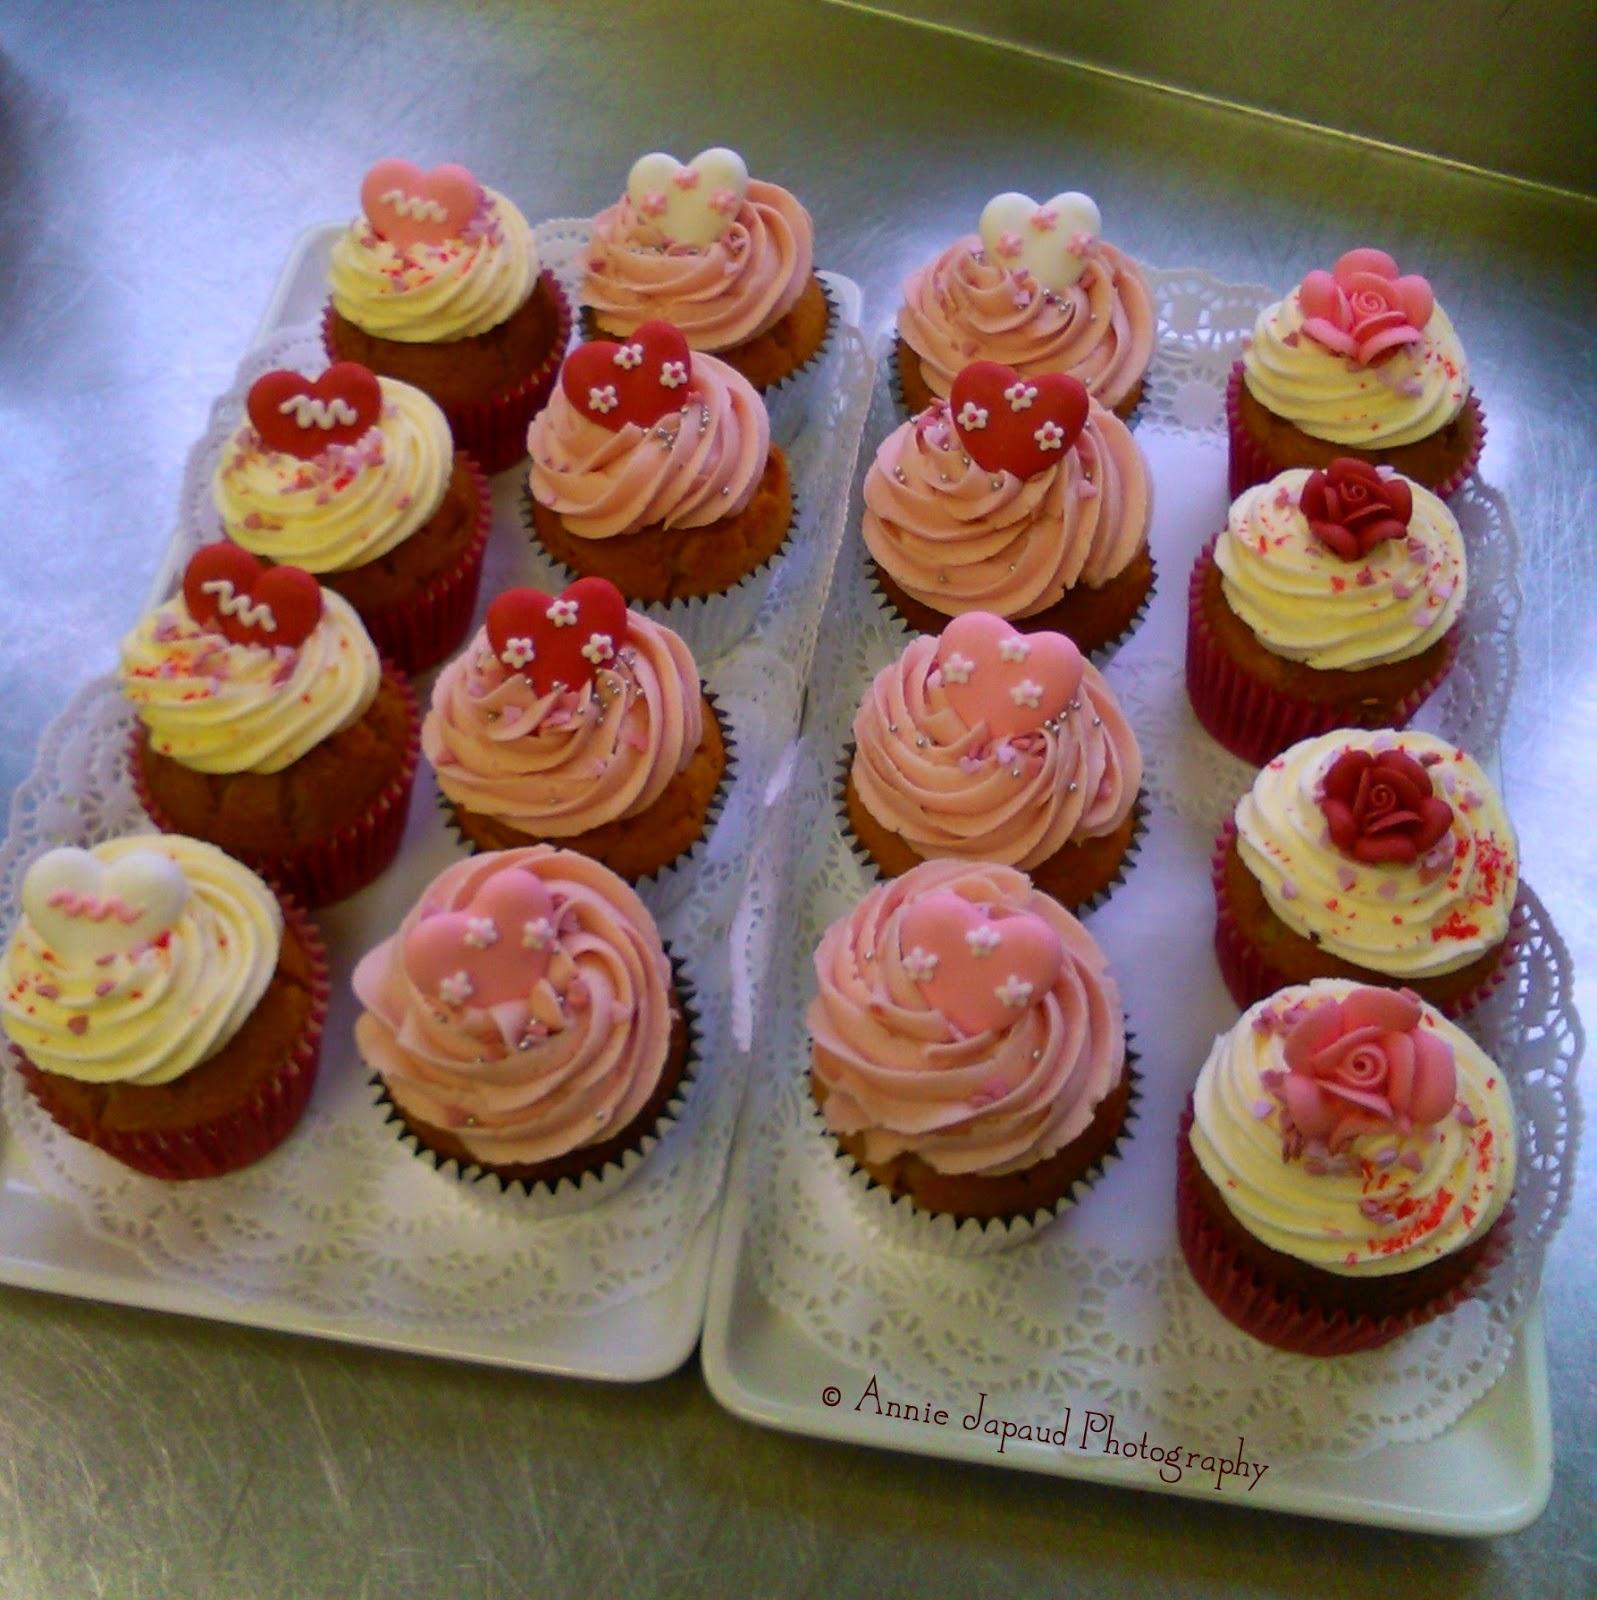 a dozen decorated cupcakes